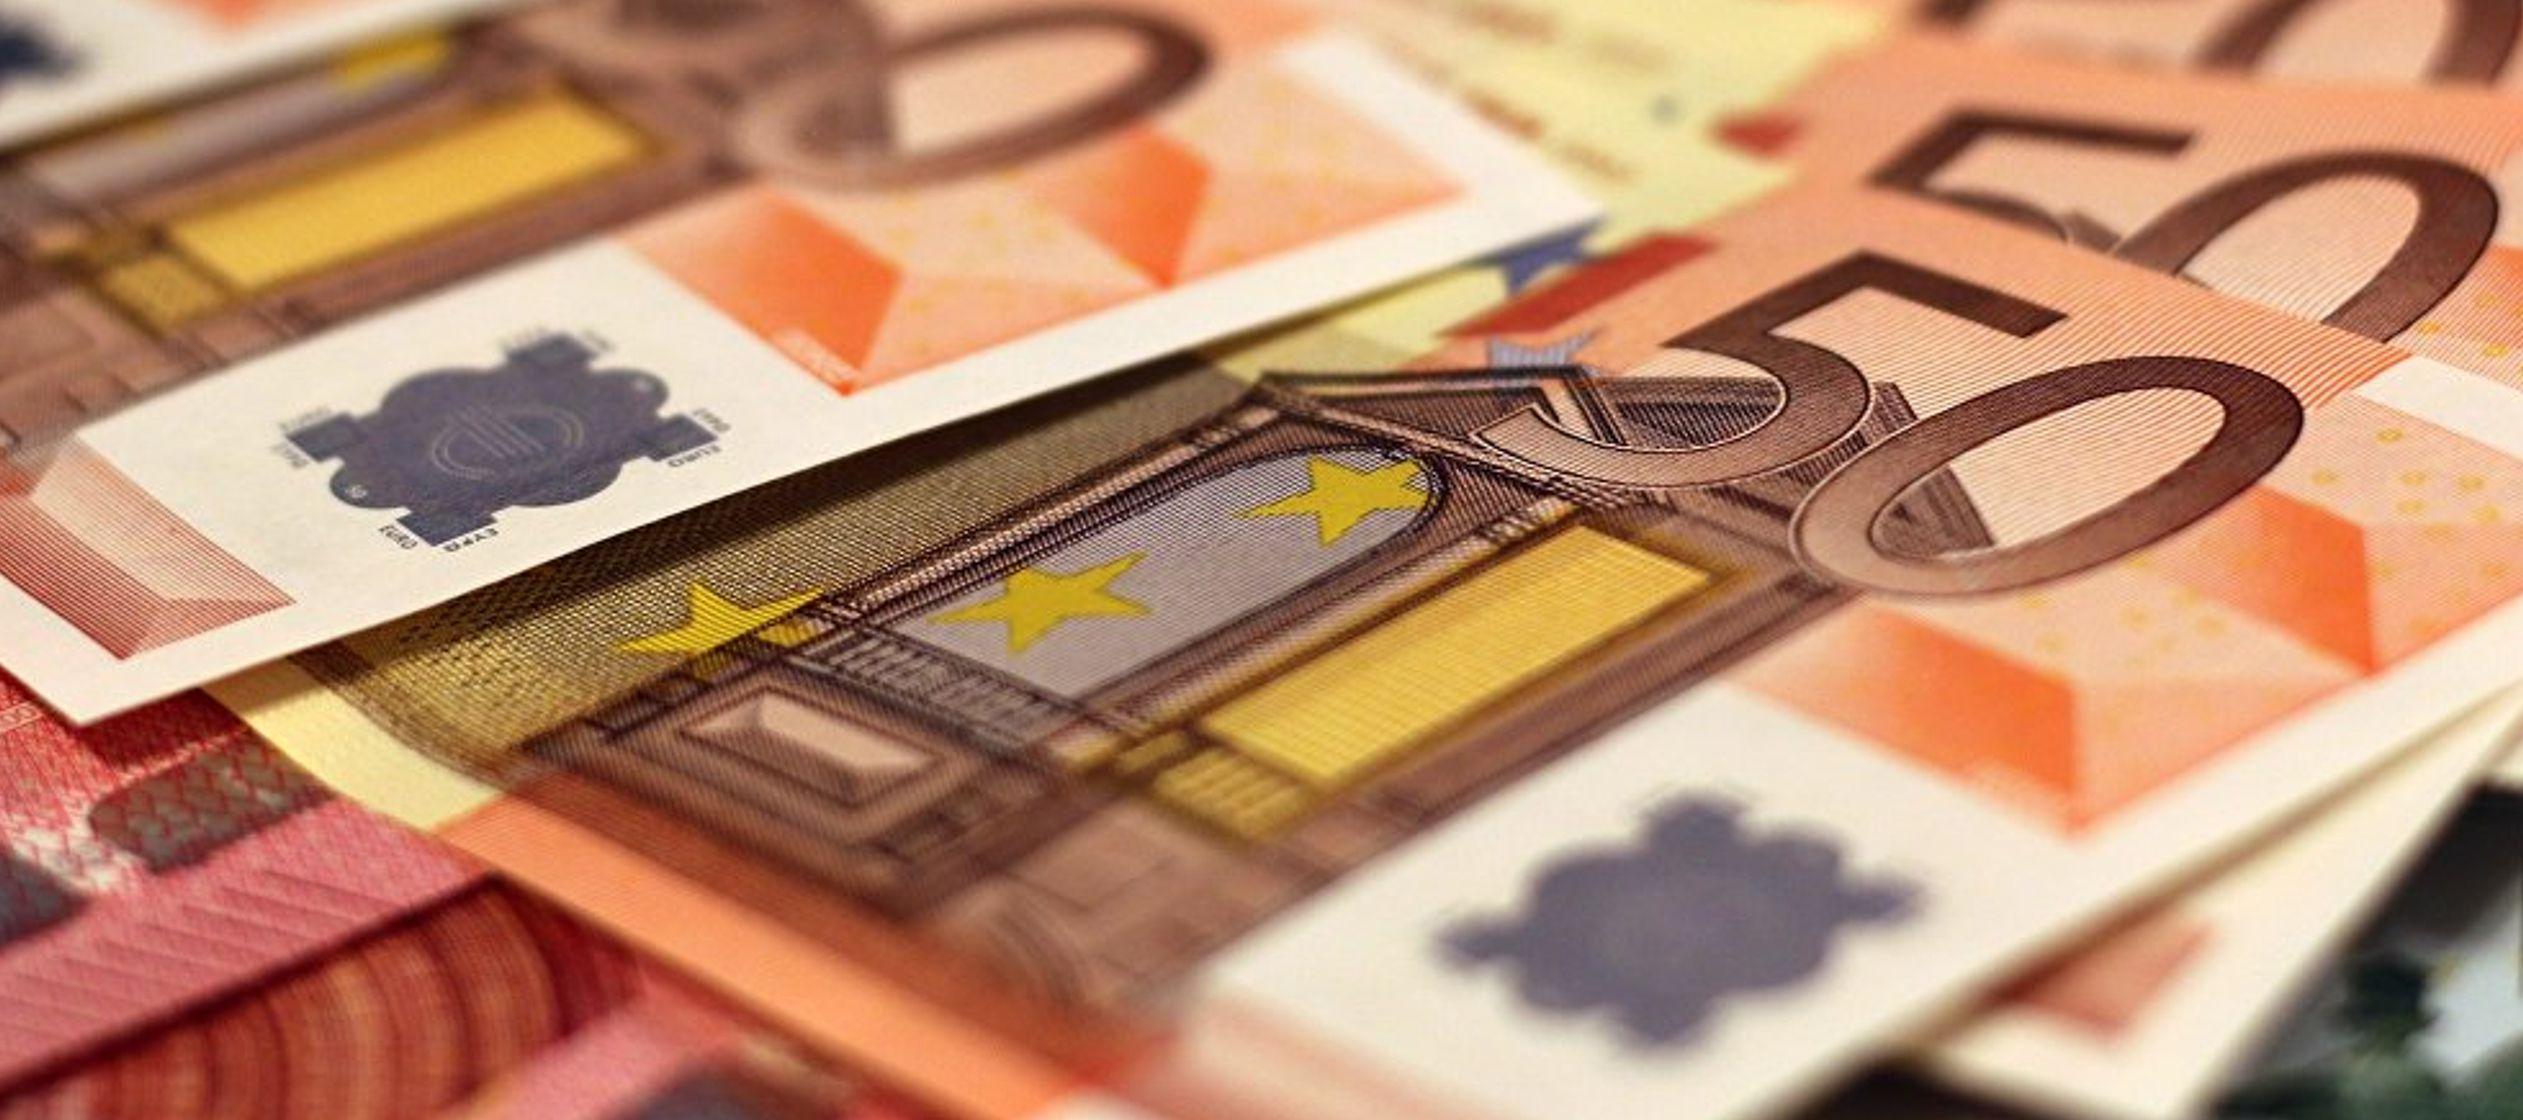 Según Bifarini, la introducción de la moneda única europea ha afectado...